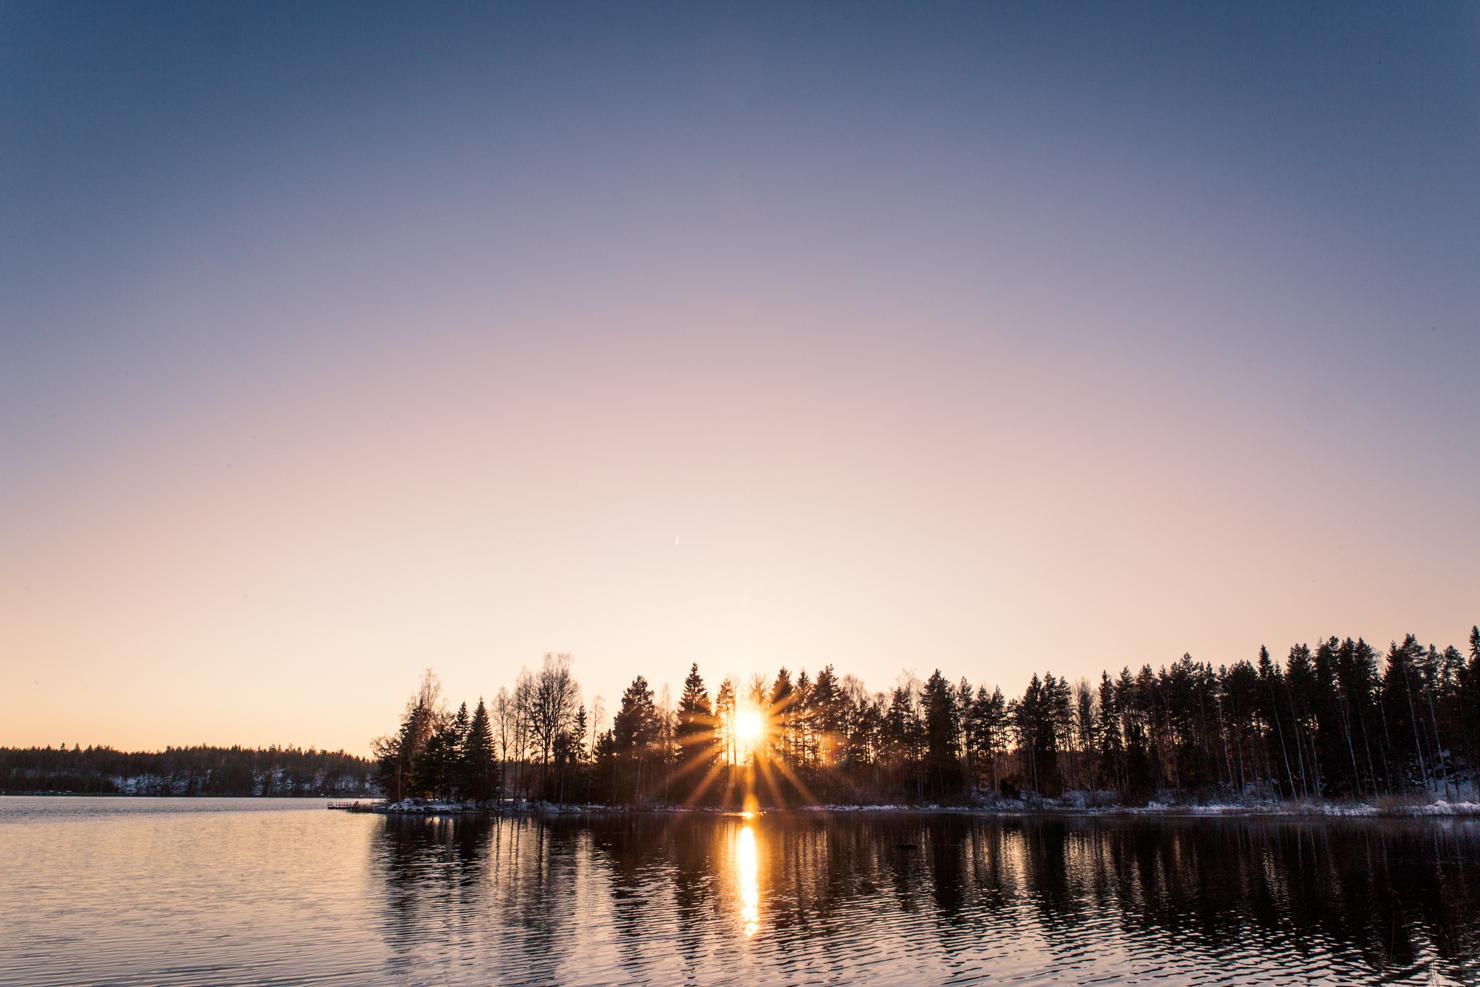 solnedgang-gruvan